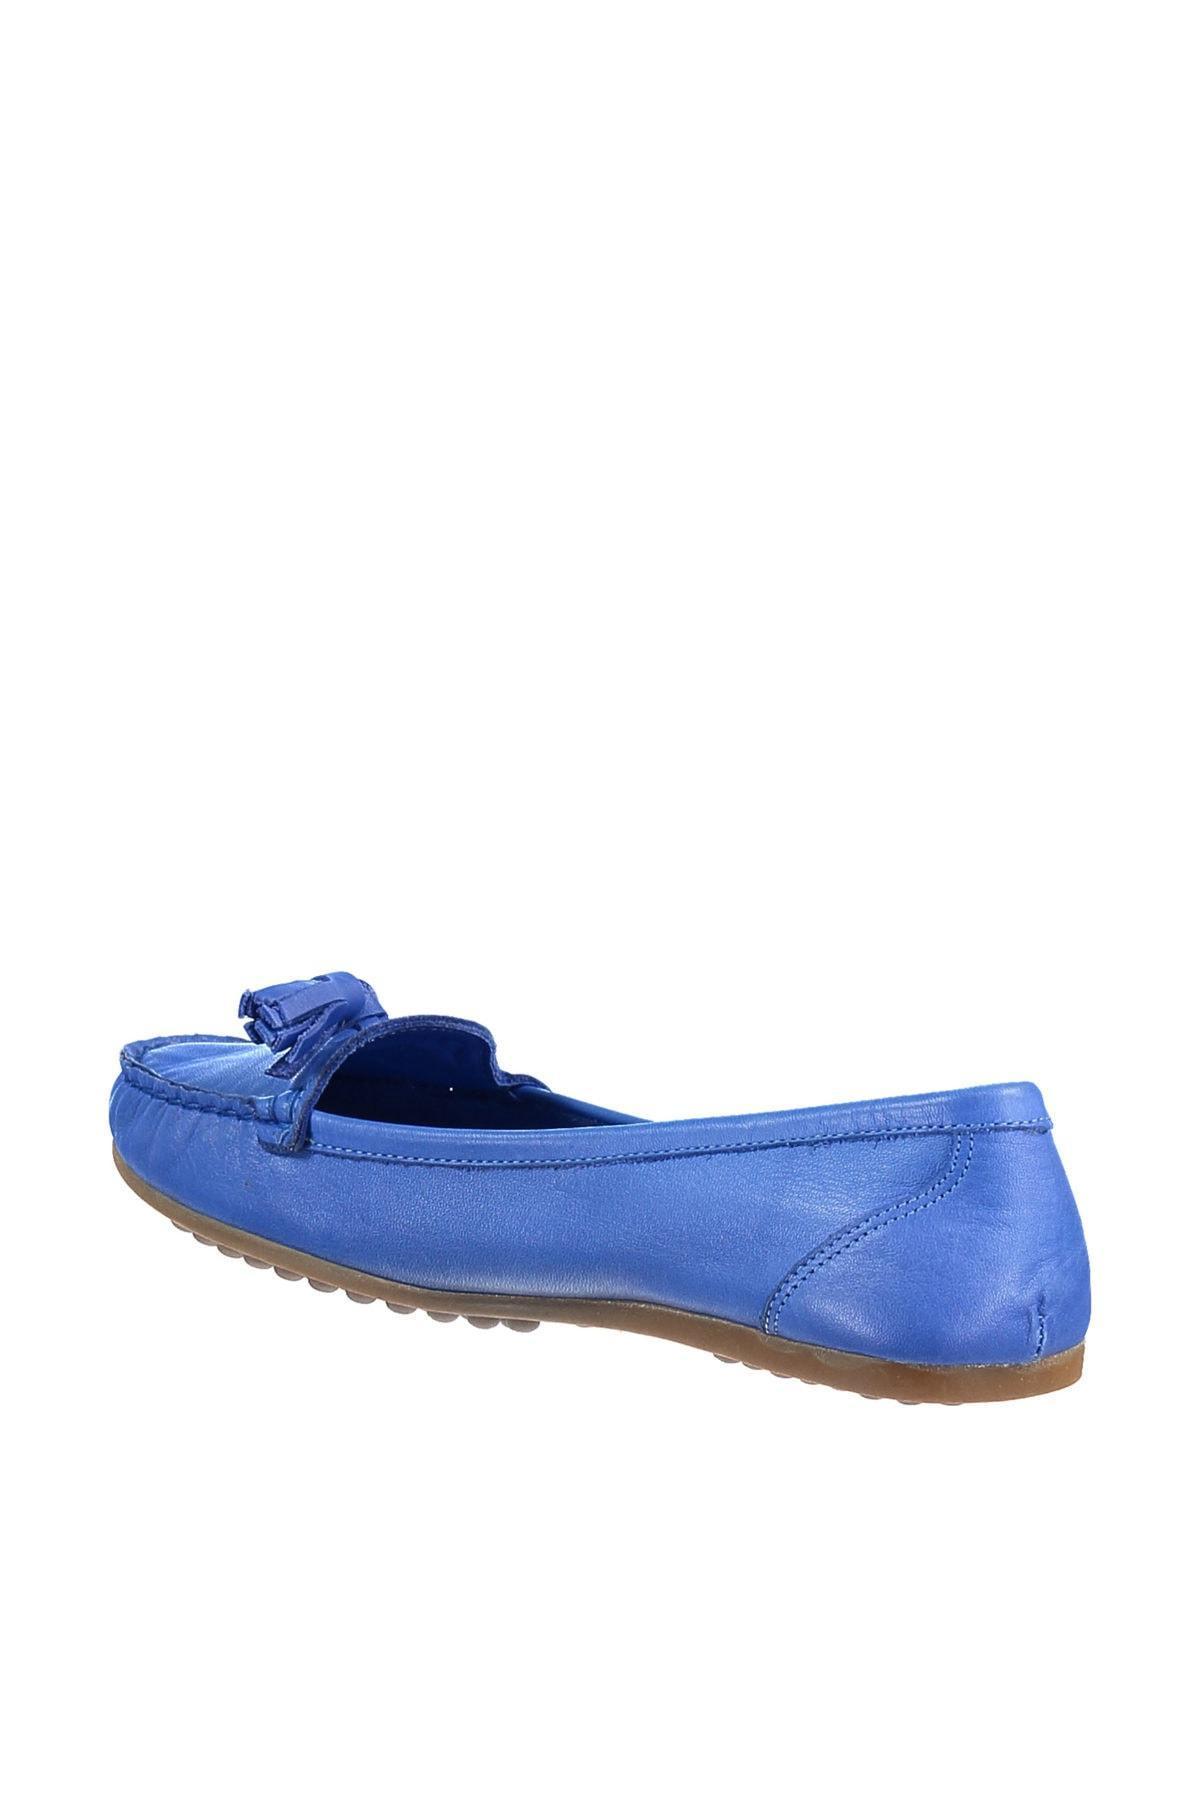 Perle en cuir véritable bleu foncé Femmes Chaussures S 120117996420